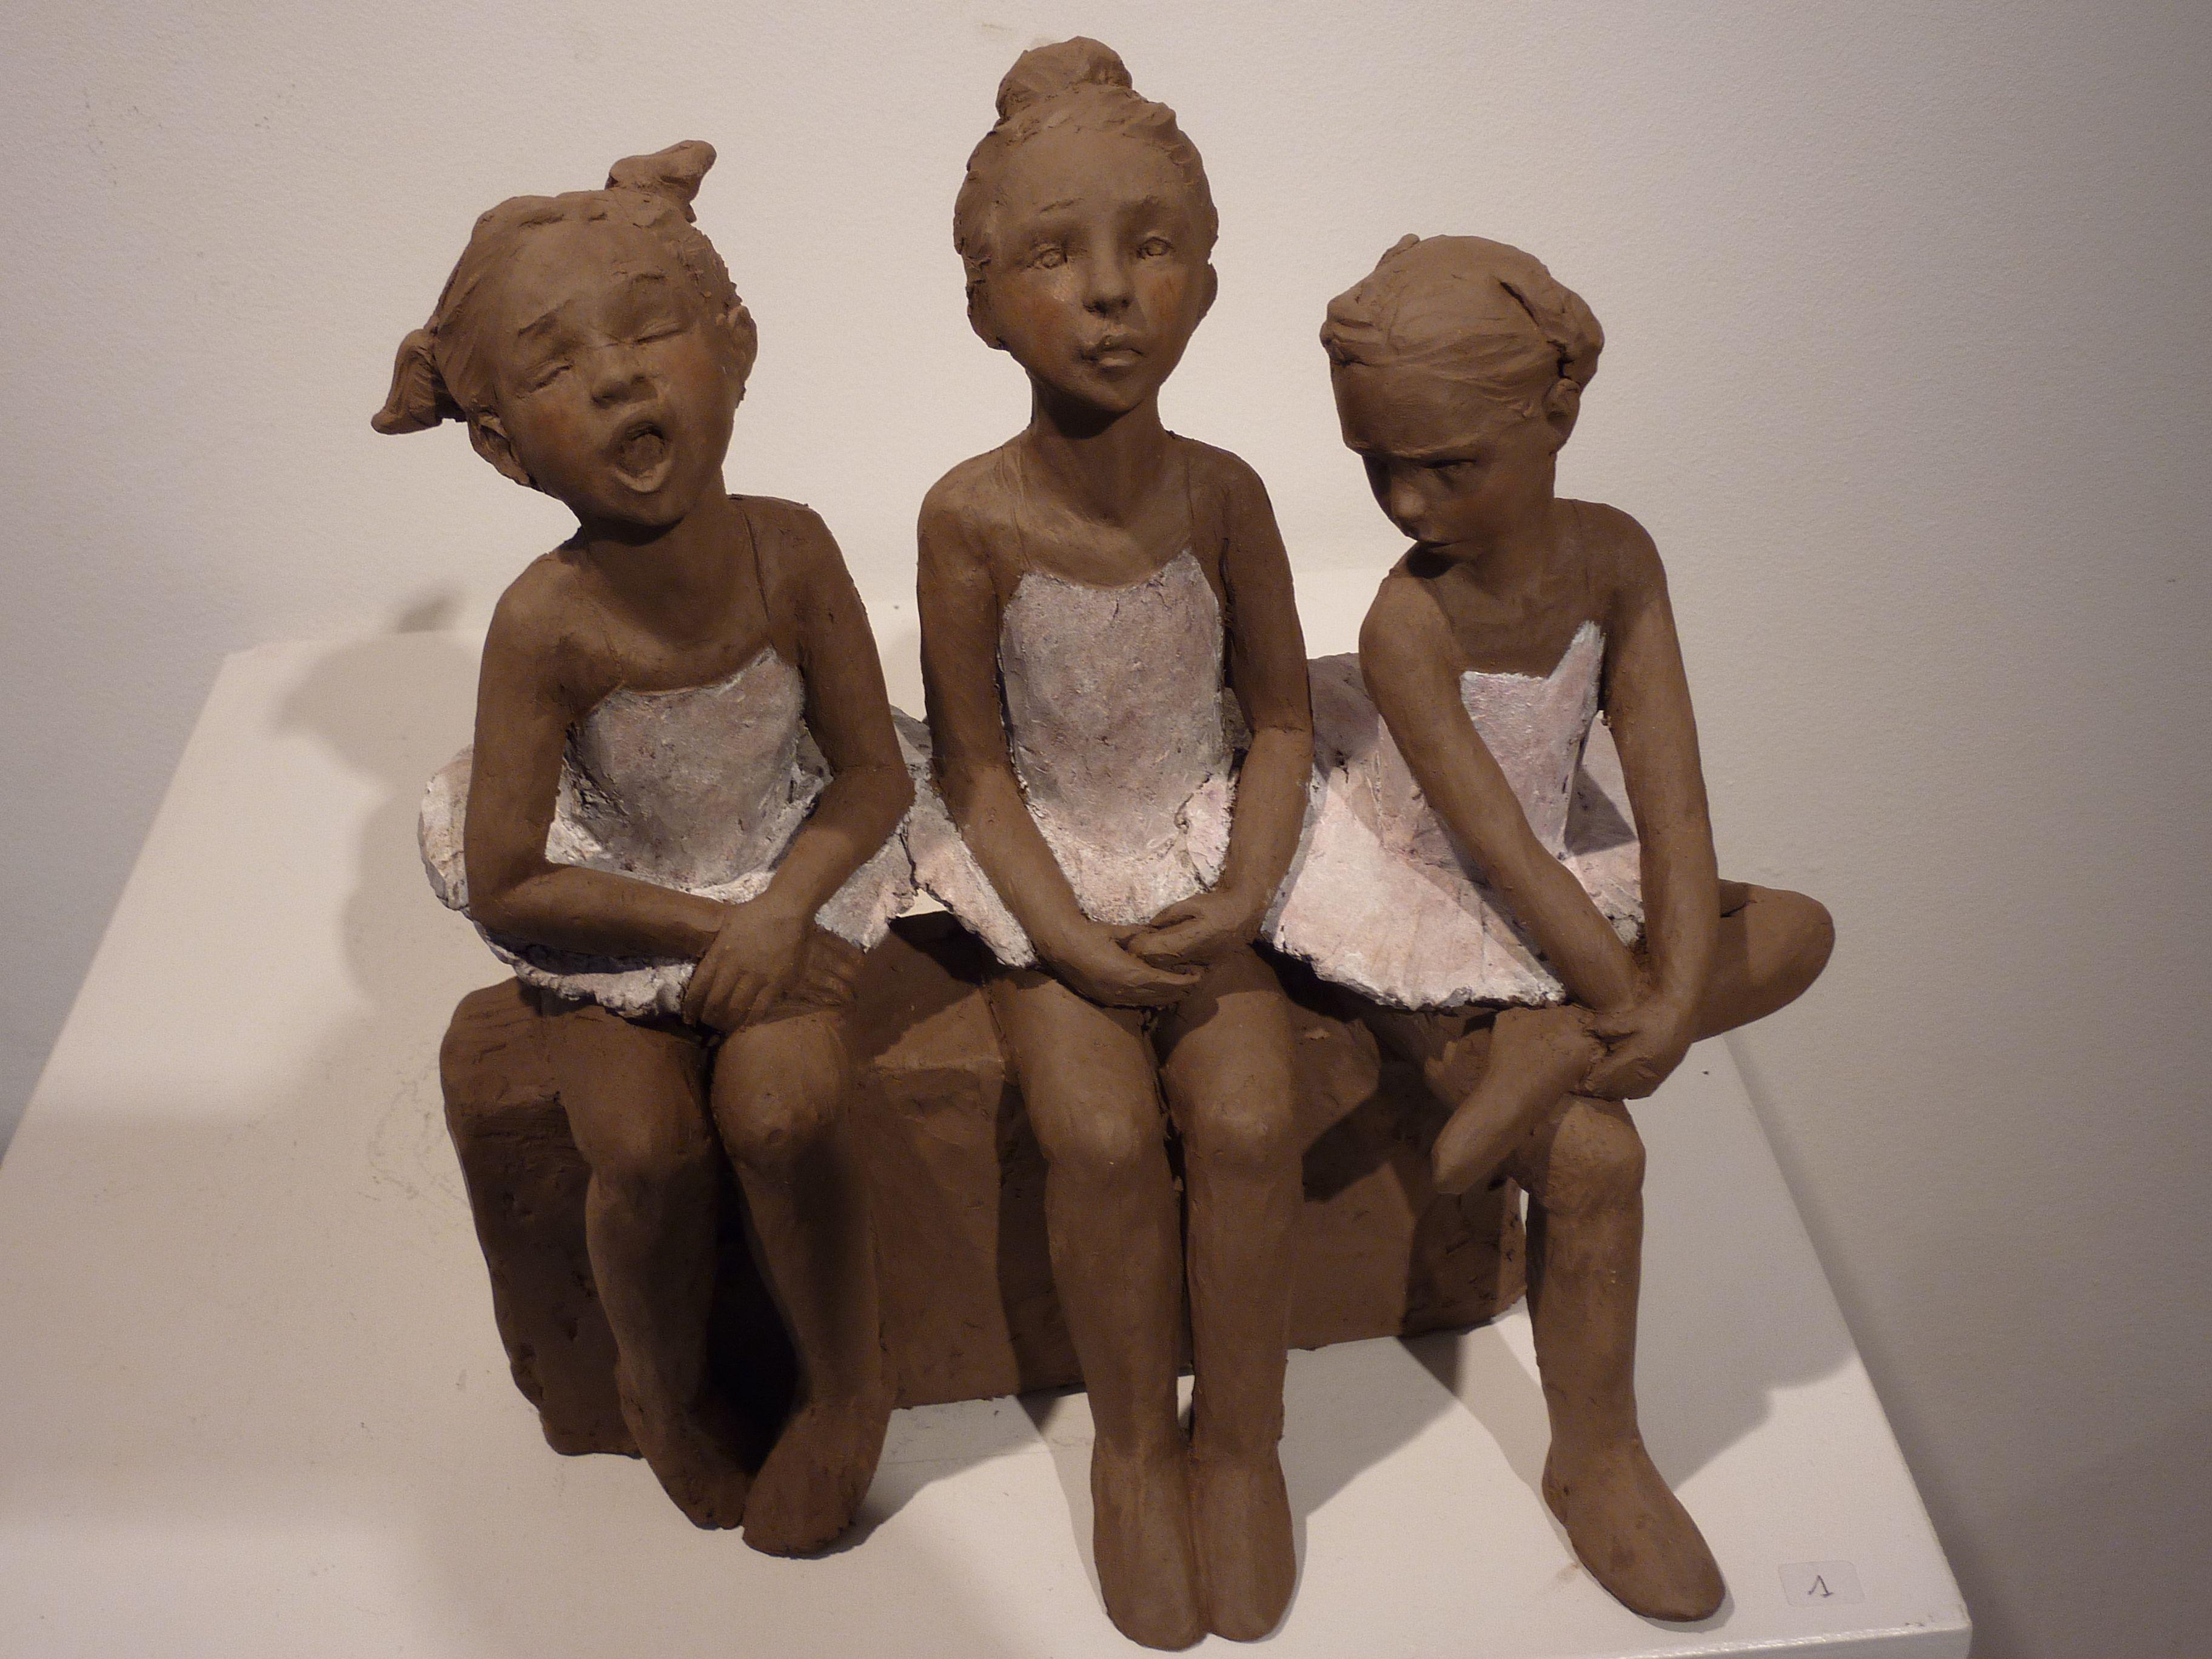 sculpture en terre cuite patin e sur le th me de l 39 enfance sculpteur anne laure peres http. Black Bedroom Furniture Sets. Home Design Ideas